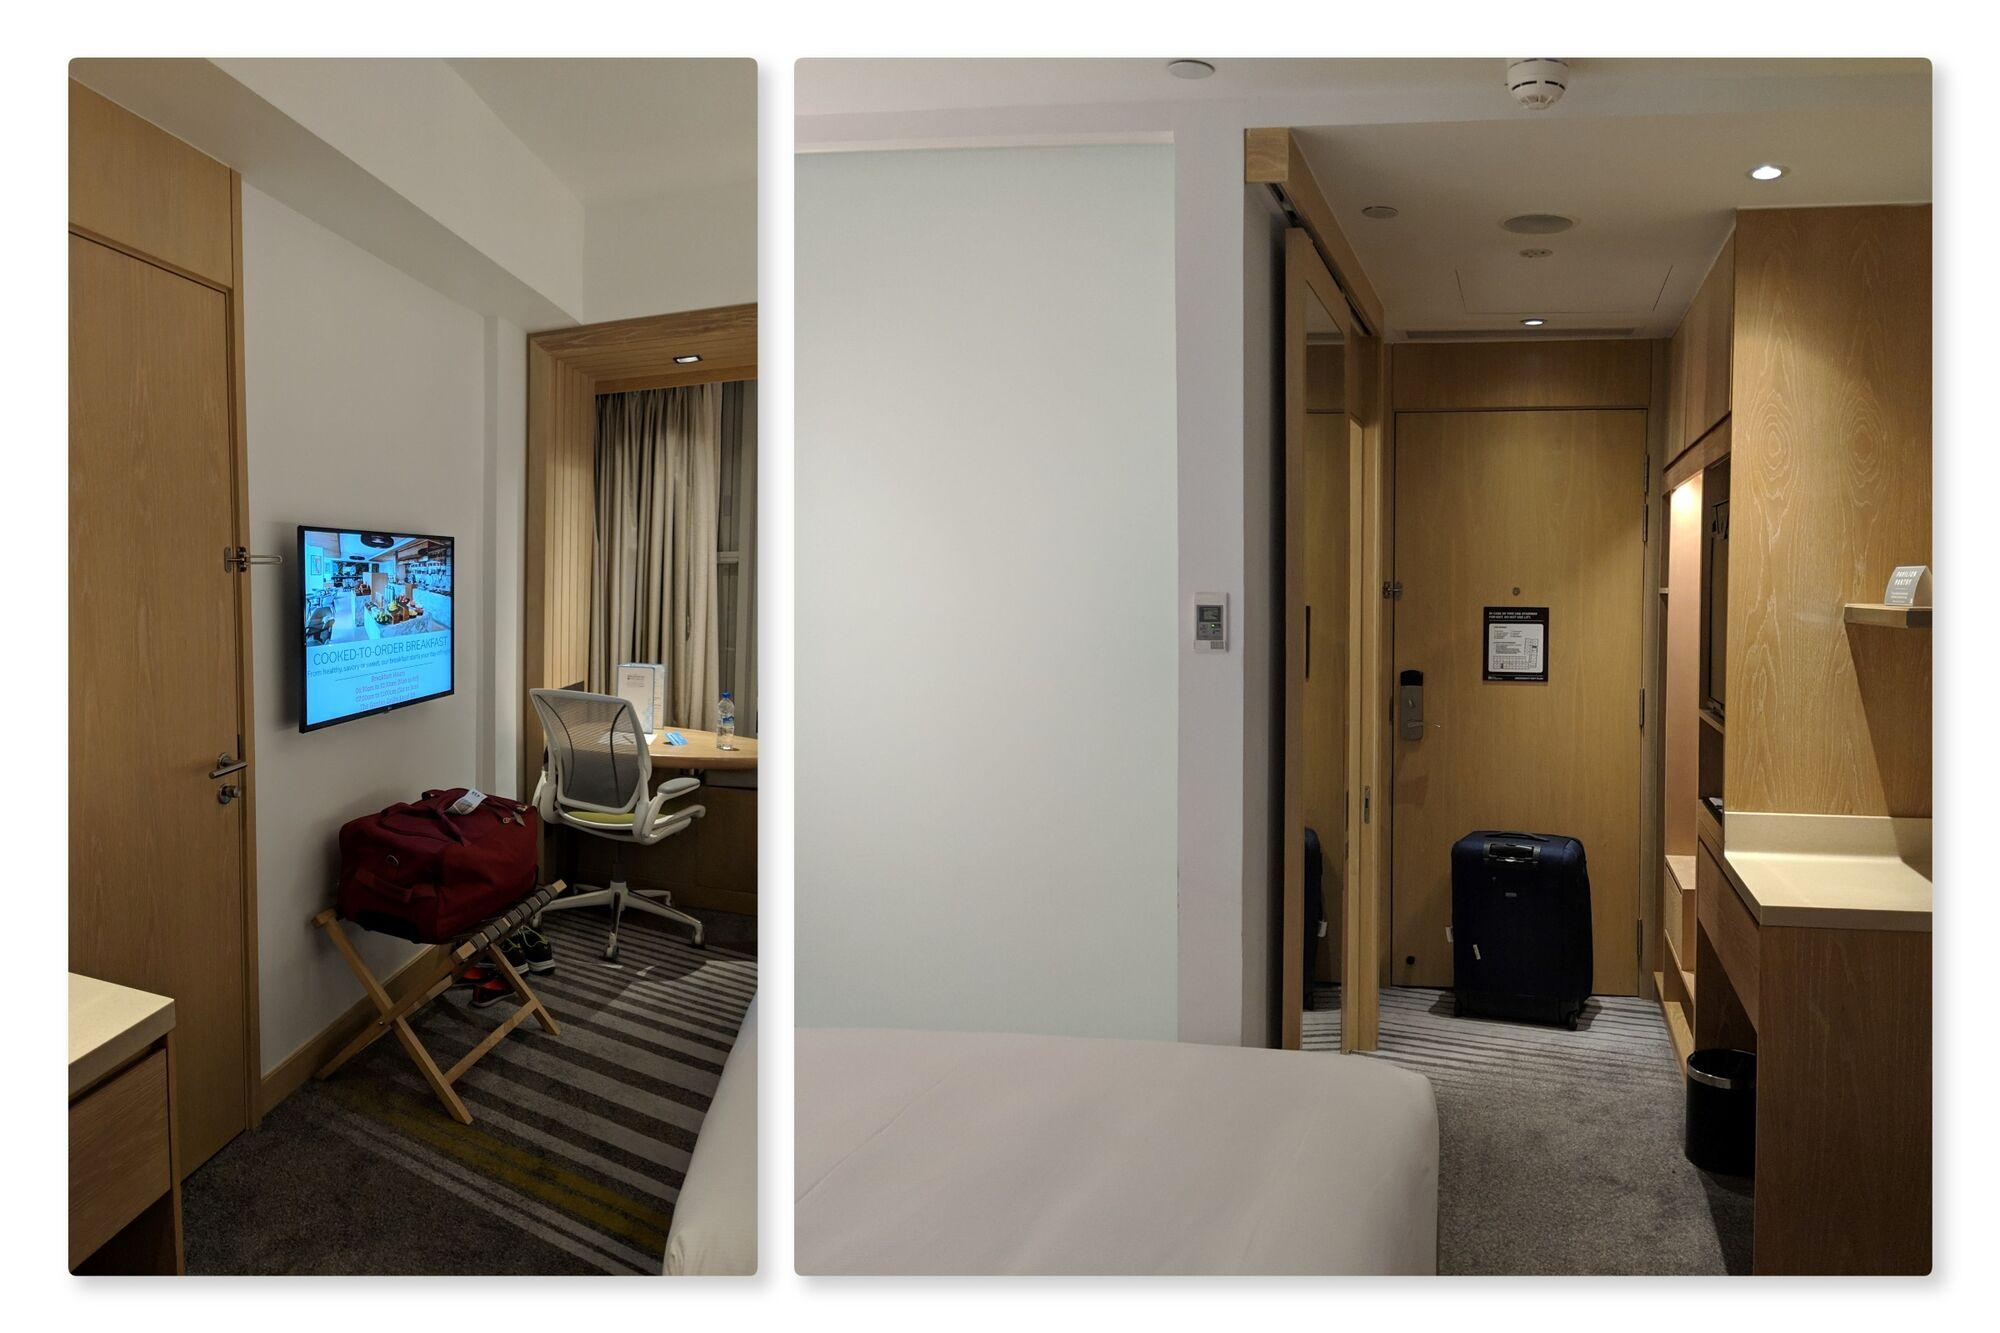 Inside view of King Deluxe Room, Hilton Garden Inn, Singapore